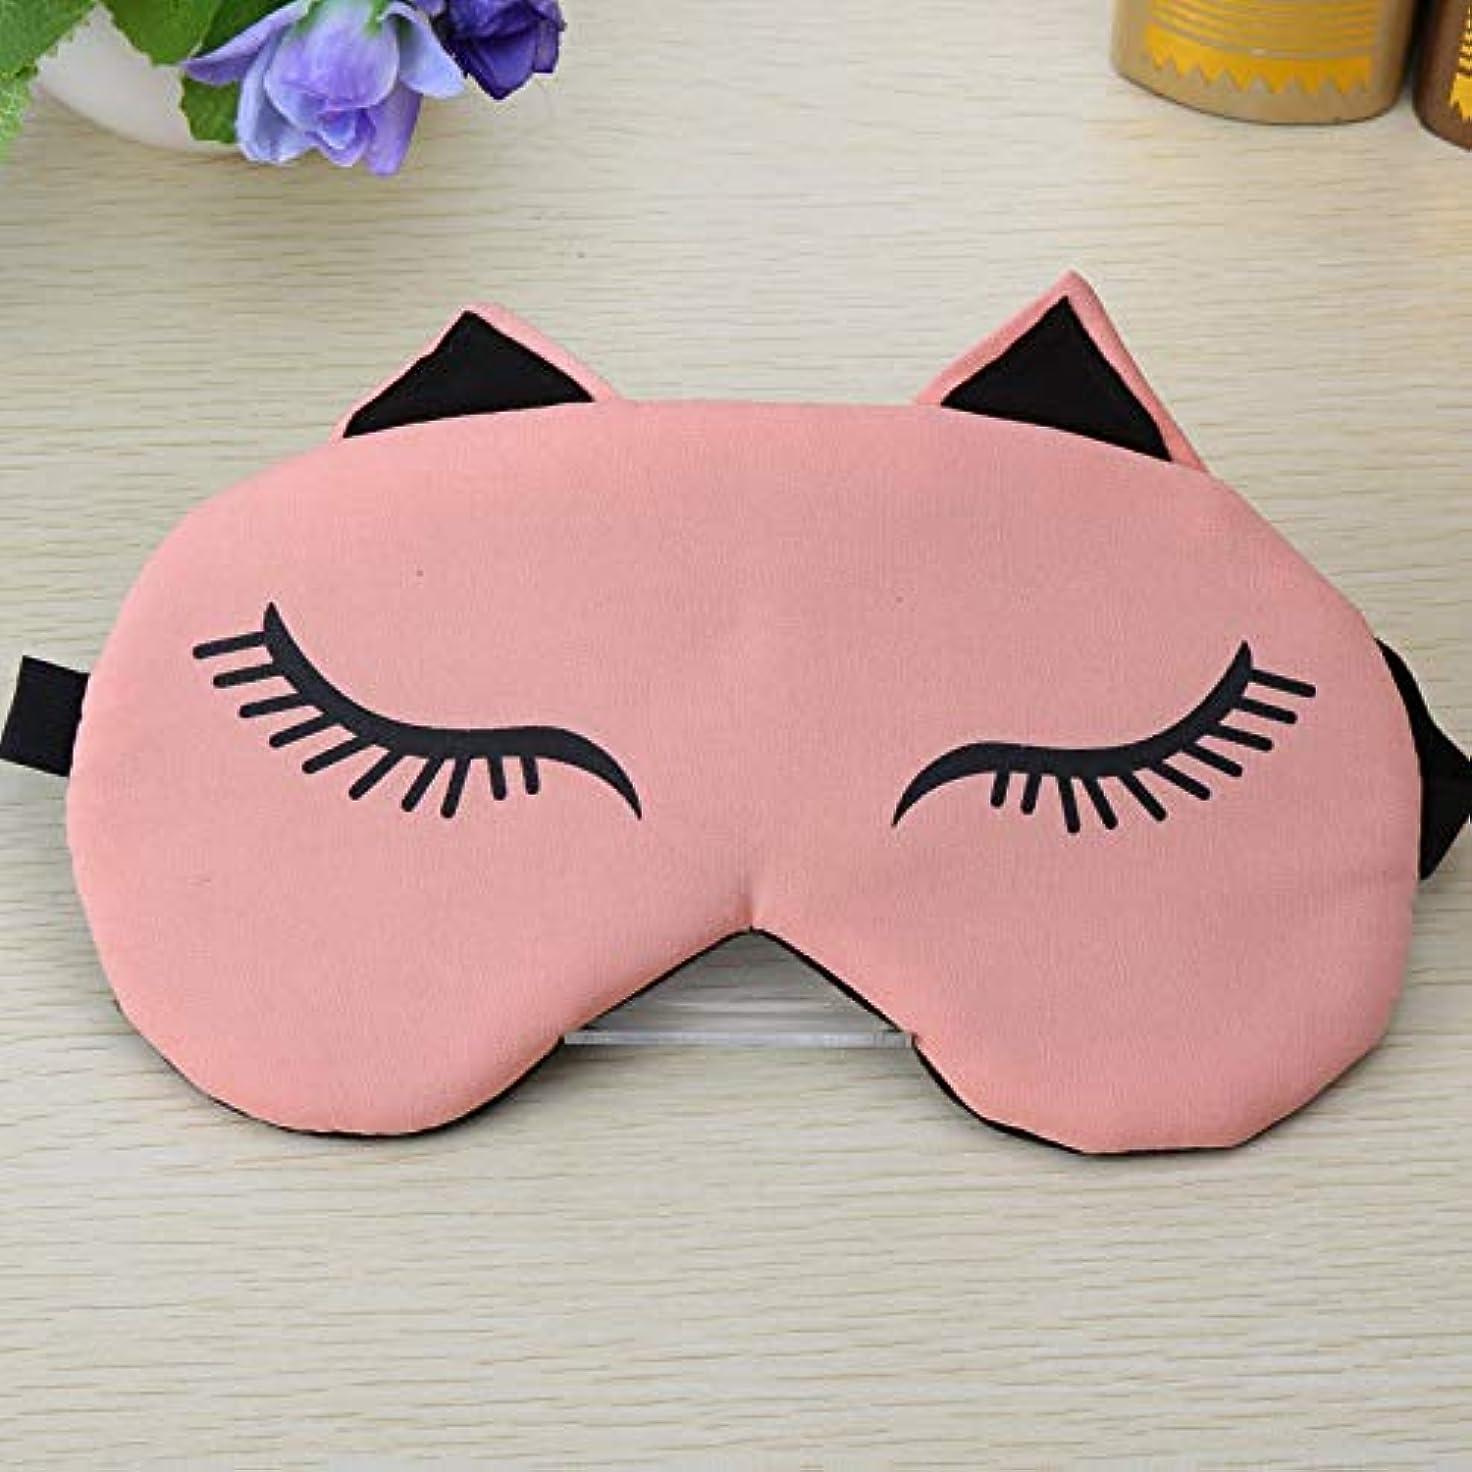 幻想的照らす最大化するNOTE 女性漫画マスク用睡眠目隠しアイシェードシェード睡眠目カバー調節可能バックルバックルマスク用シフト作業昼寝